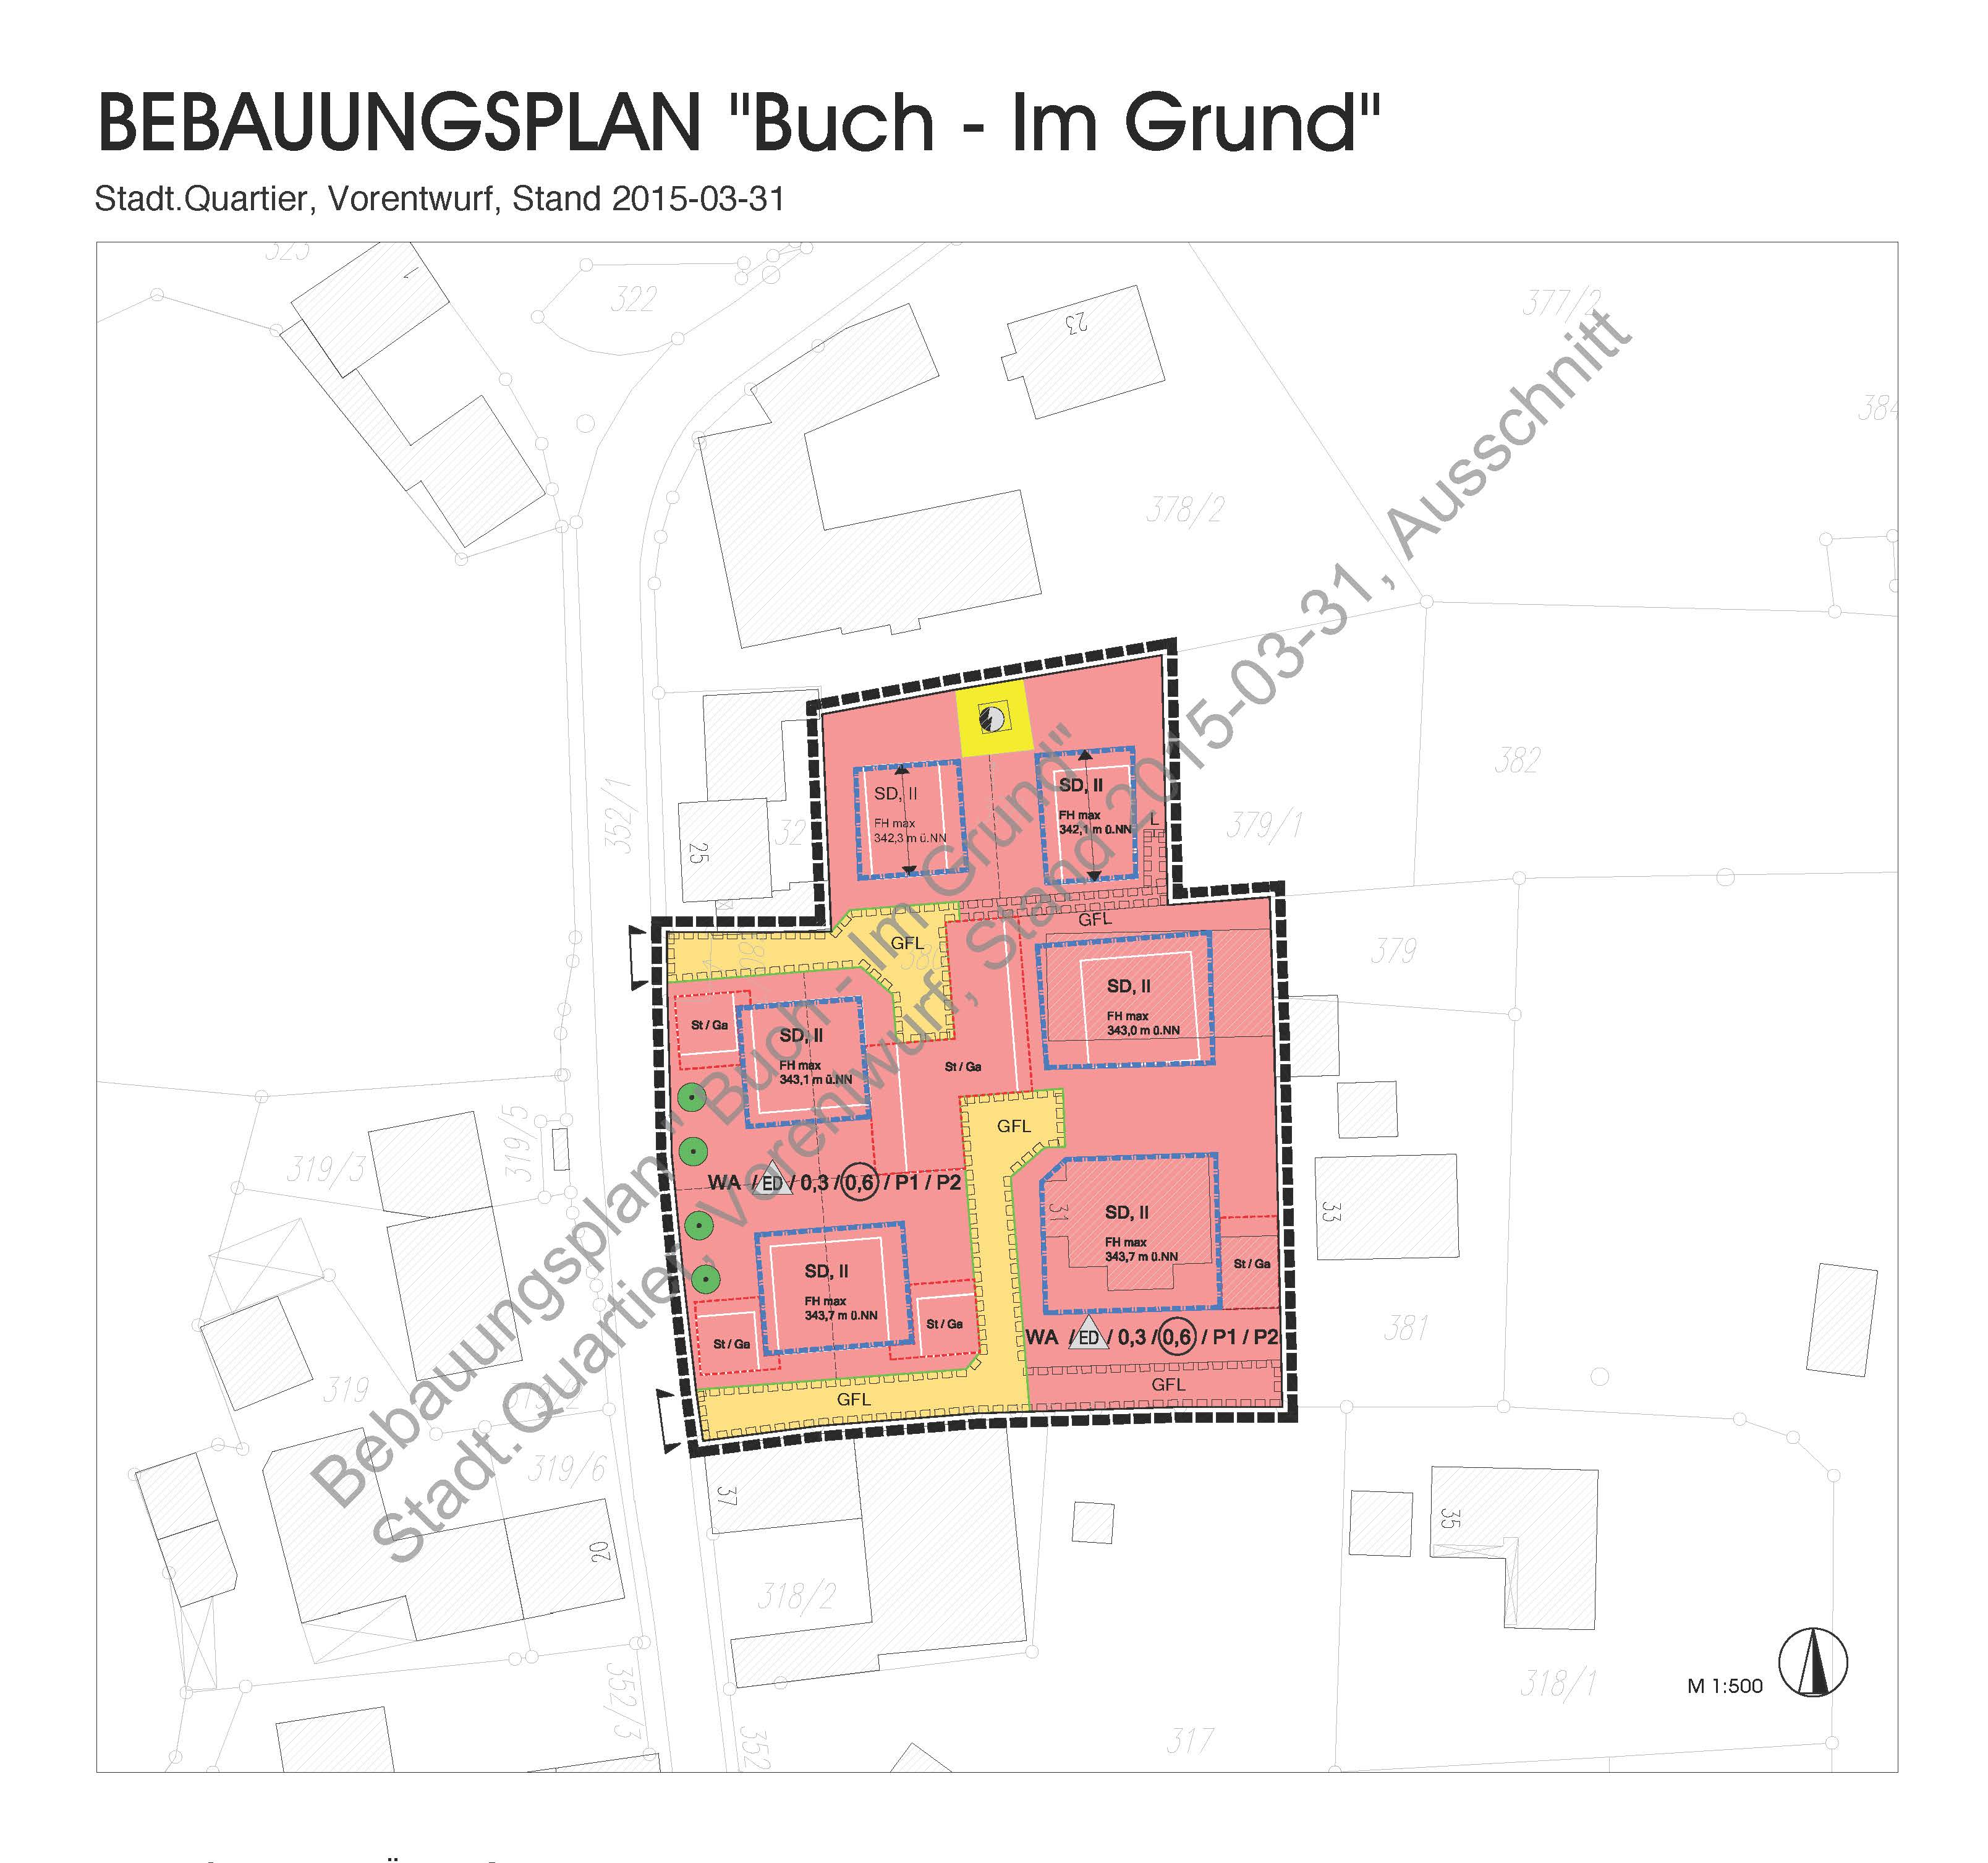 Inmitten des alten Ortskerns an der Dorfstraße sollen auf dem Standort des ehemaligen Gasthaus Süß mit landwirtschaftlichen Gebäuden einige, der Umgebung angepasste Wohnhäuser entstehen.